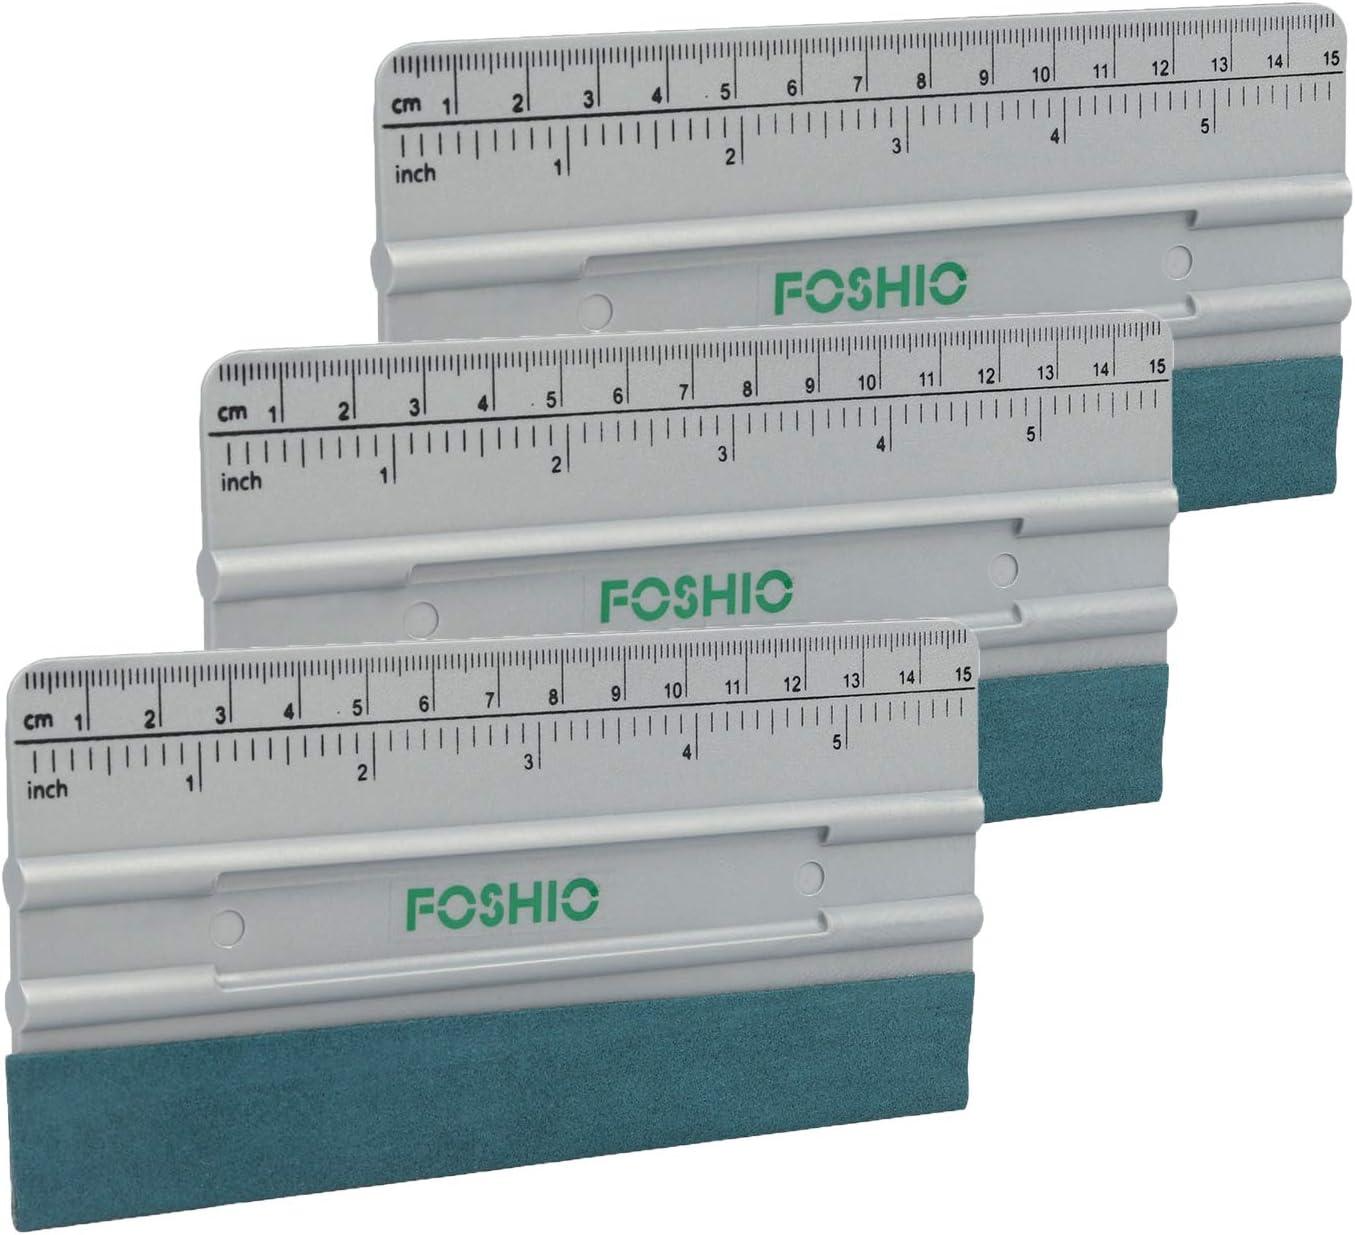 Foshio Car Vinyl Wrapping 6 Zoll Filzpresse Mit Längenmessung Zoll Und Cm 3er Pack Auto